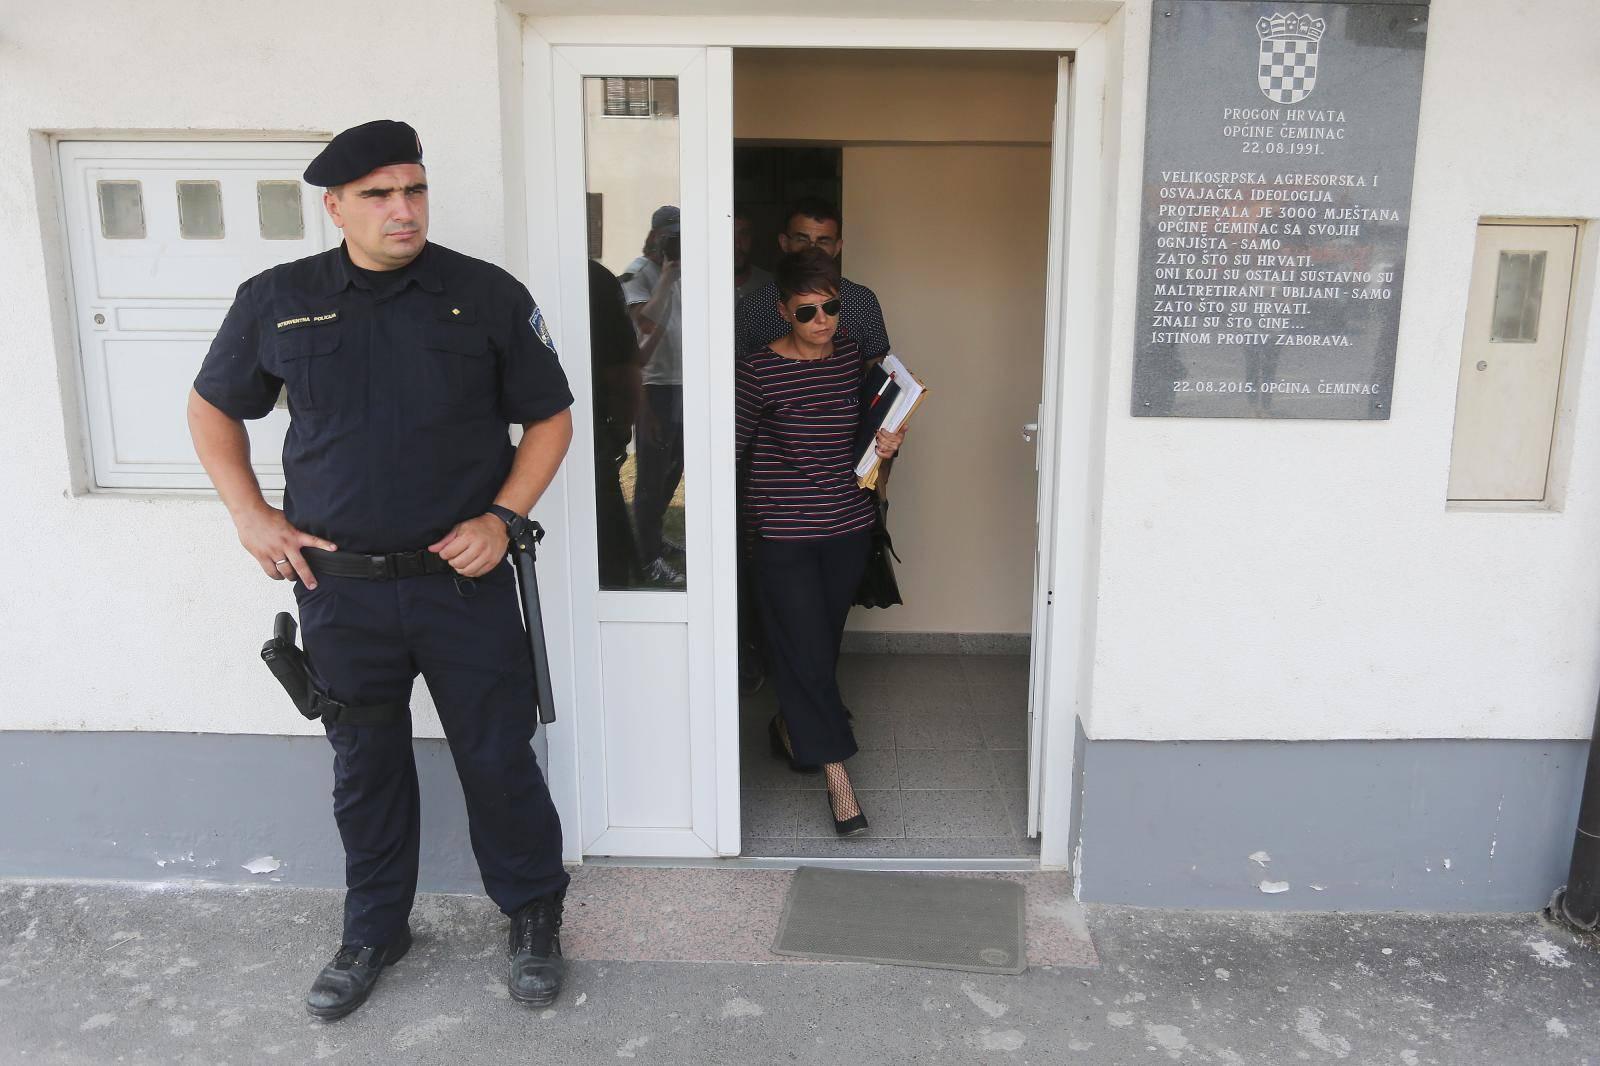 Pretres opčinske zgrade u Čemincu povodom prijava protiv načelnika opčine